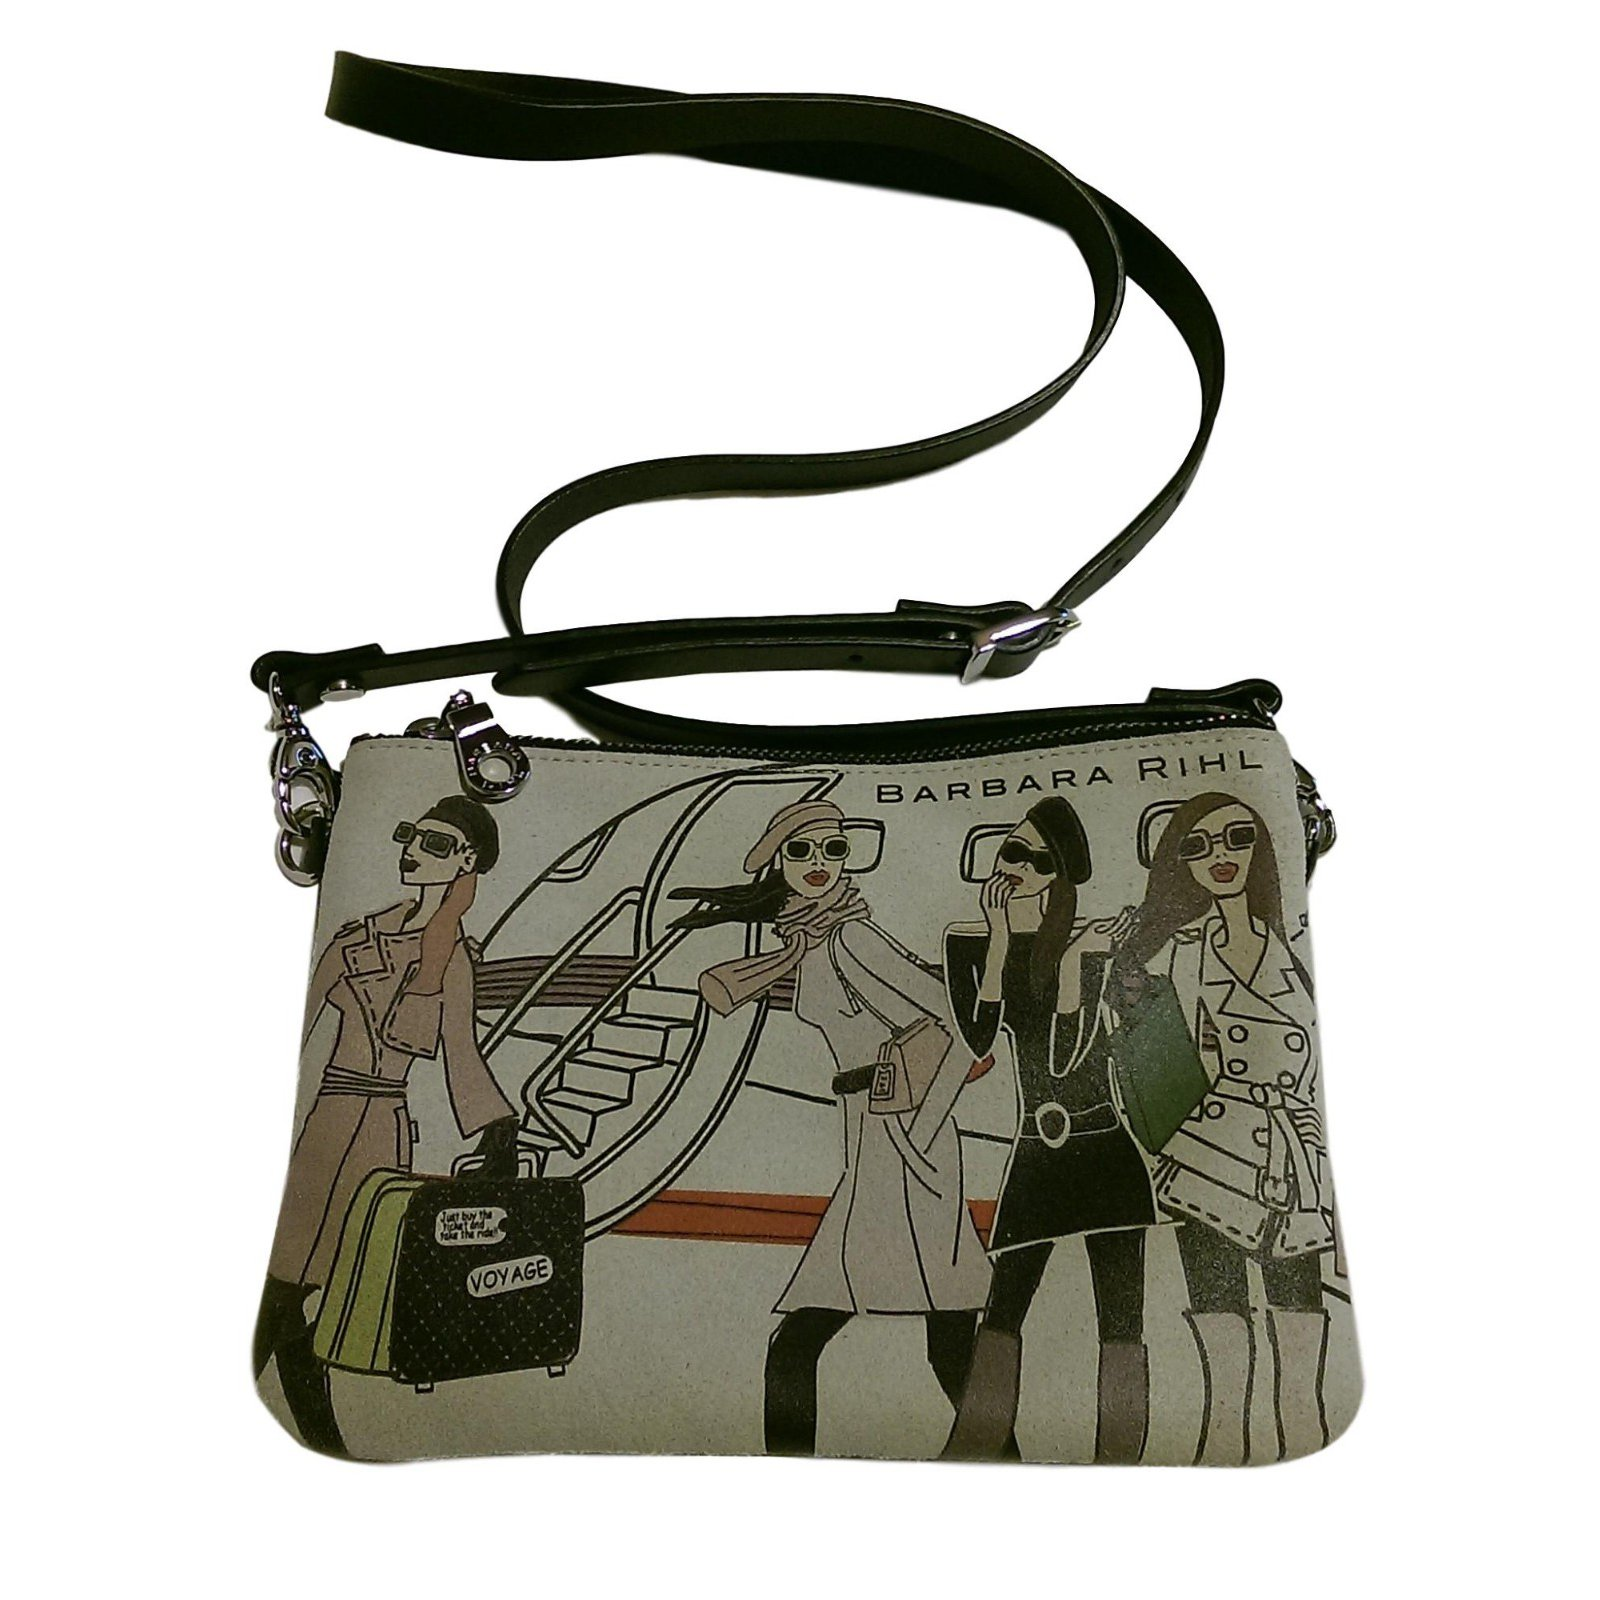 Autre Marque Barbara Rihl Handbag Handbags Leather Multiple Colors Ref 62756